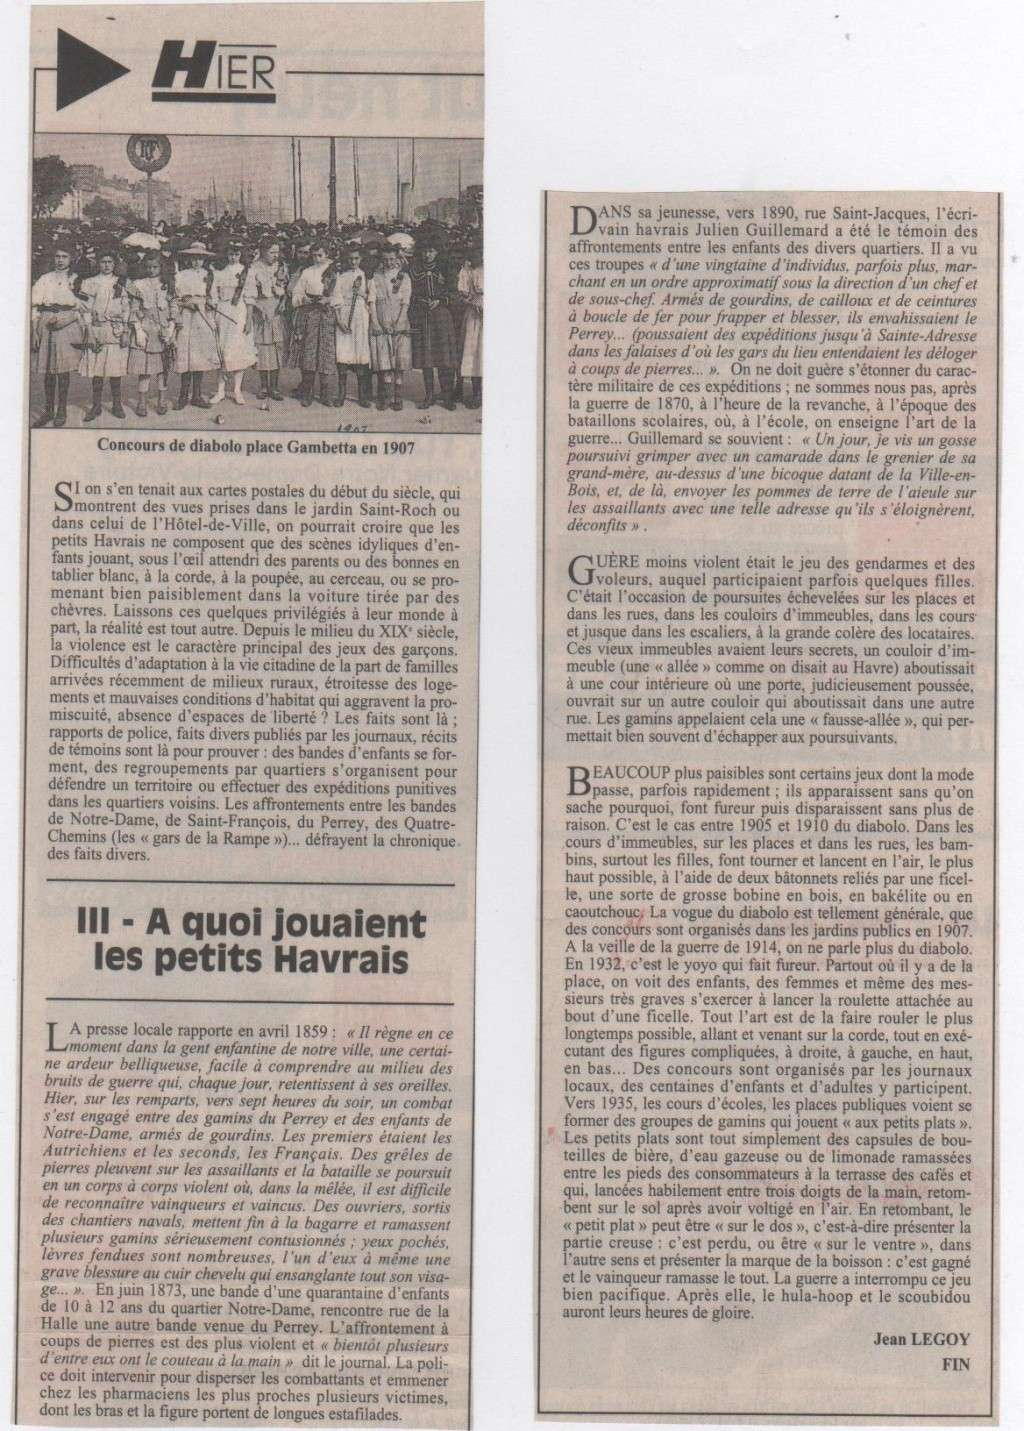 Hier, Le Havre par Jean LEGOY - Page 2 Jean_l62